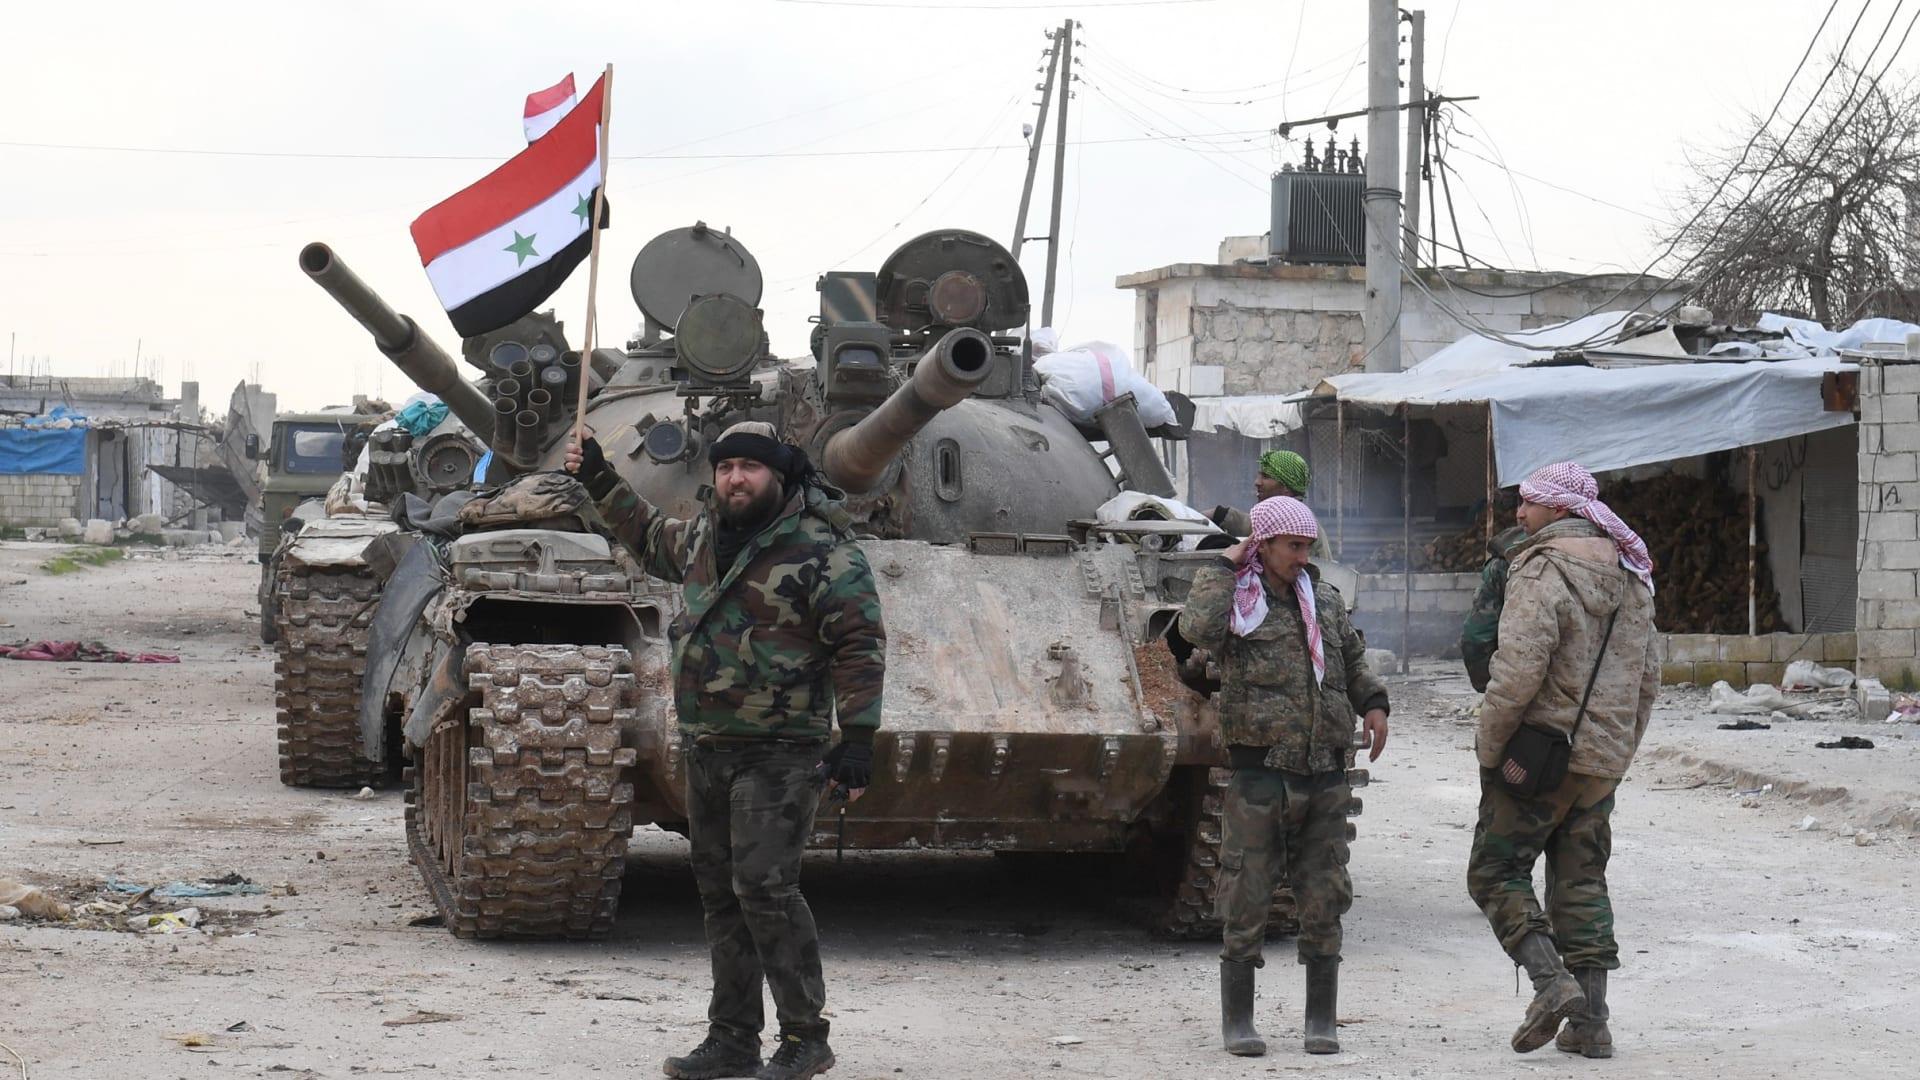 شاهد.. اللحظات الأولى بعد إسقاط مروحية سورية في إدلب